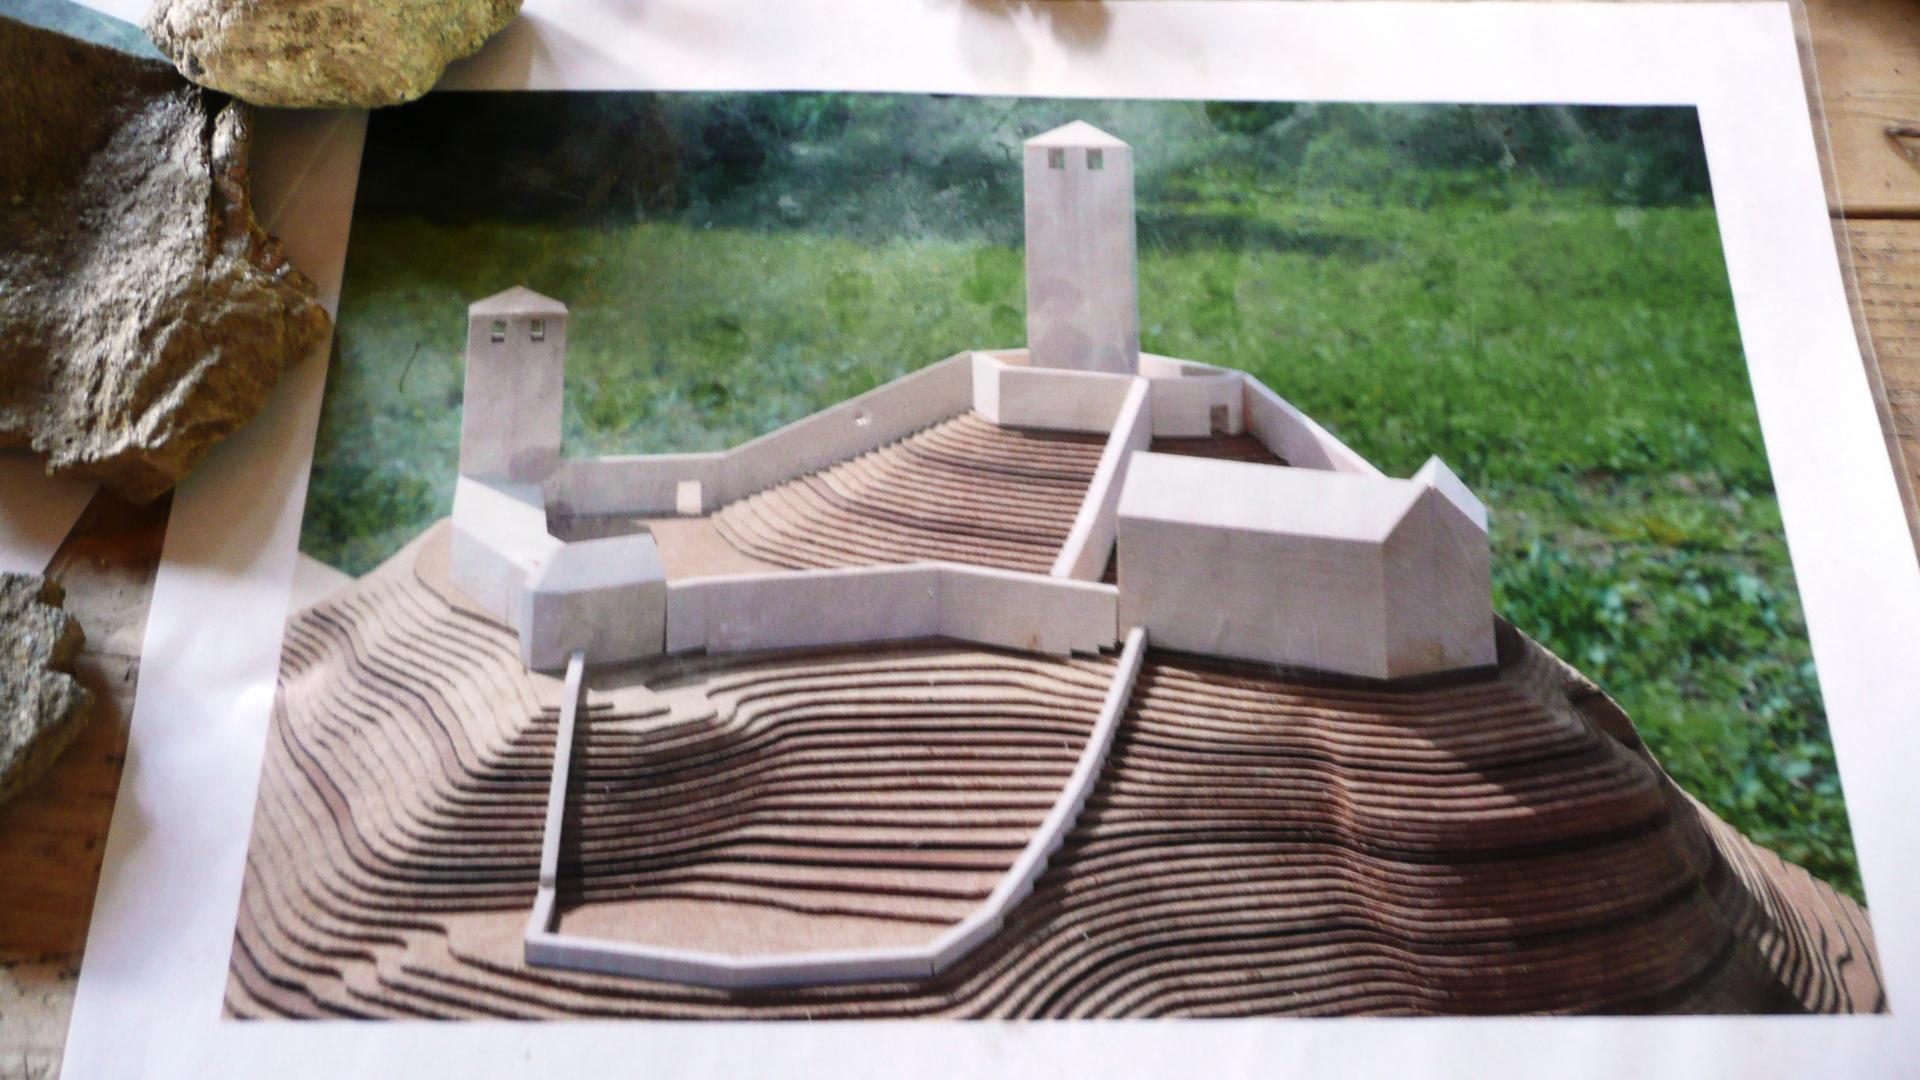 Hier wird eine neue Burg gebaut mit mittelalterlichen Methoden